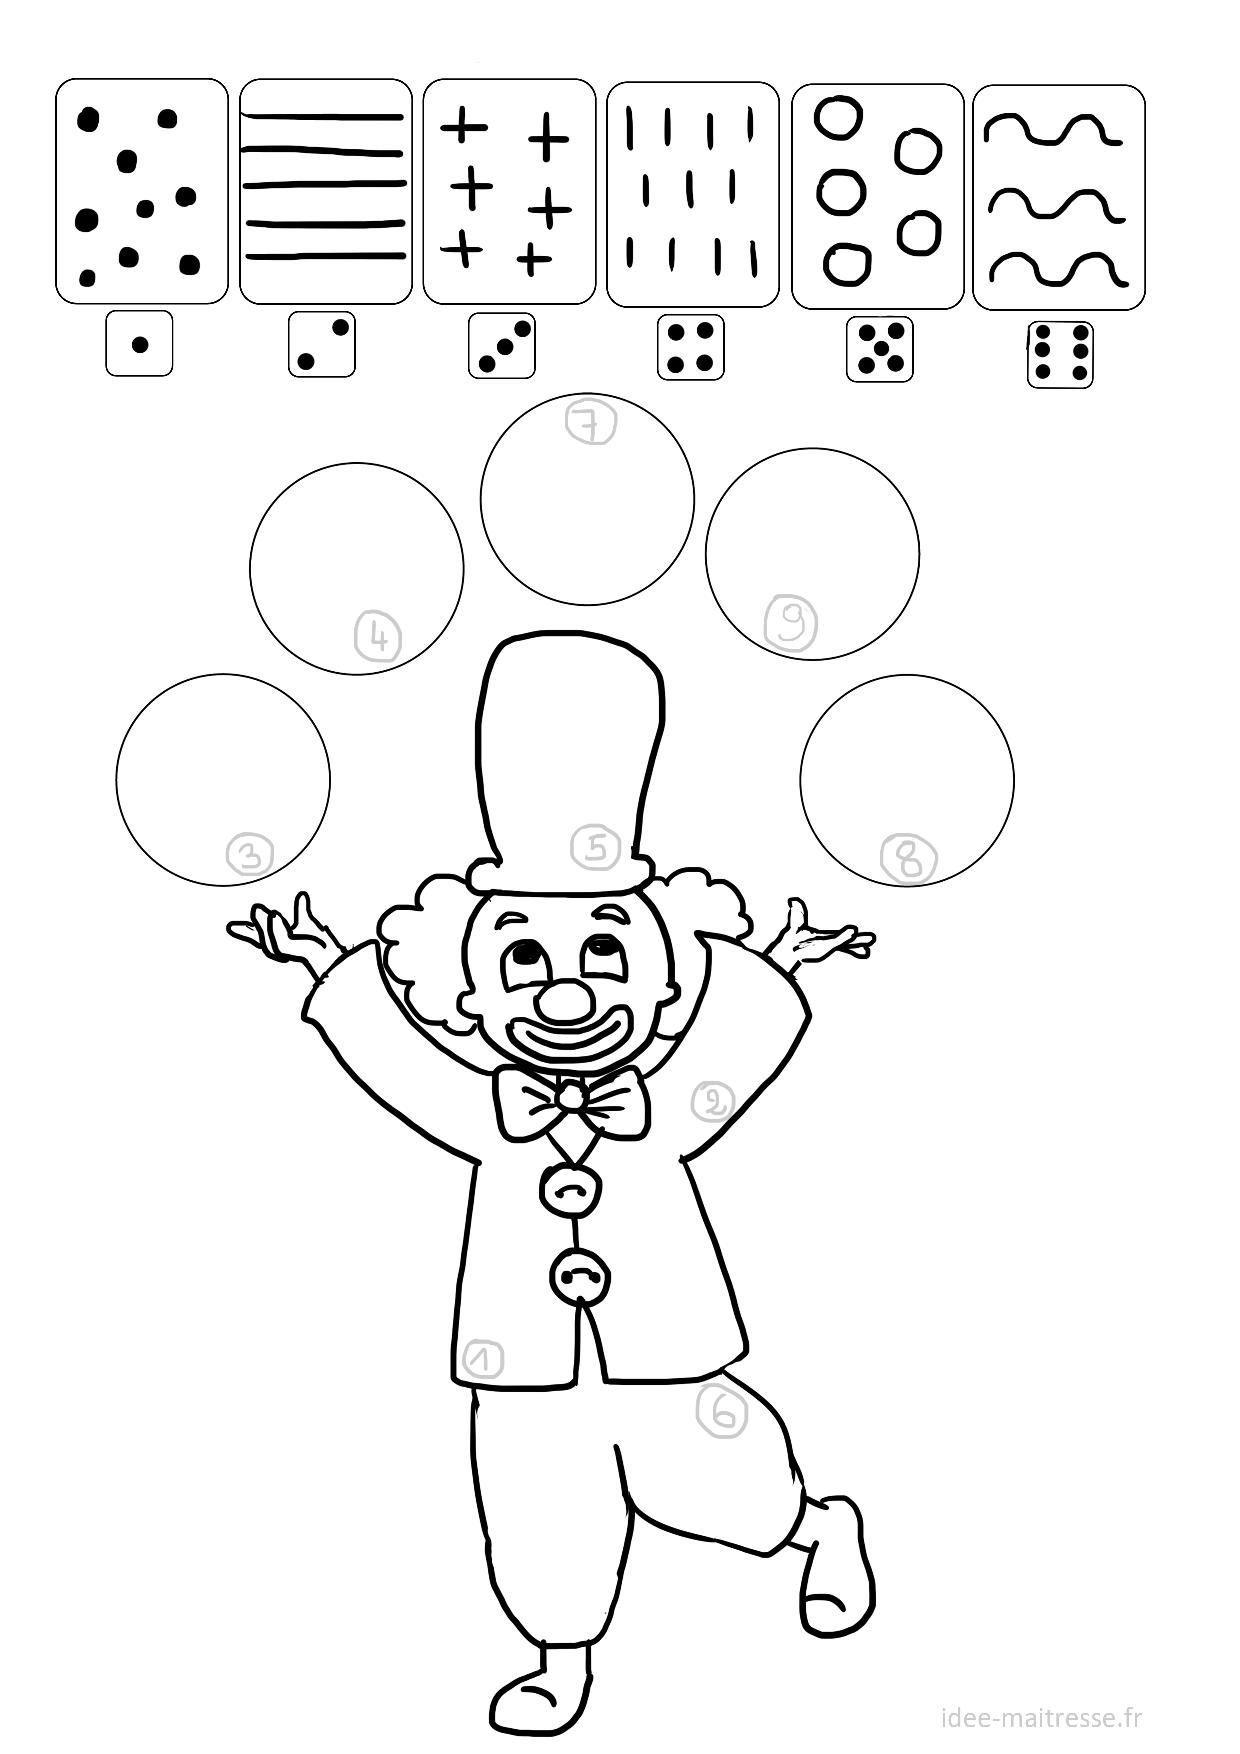 100 Epic En Iyi 1 Snf Boyama Oyunlar Yazdırılabilir Boyama Sayfaları